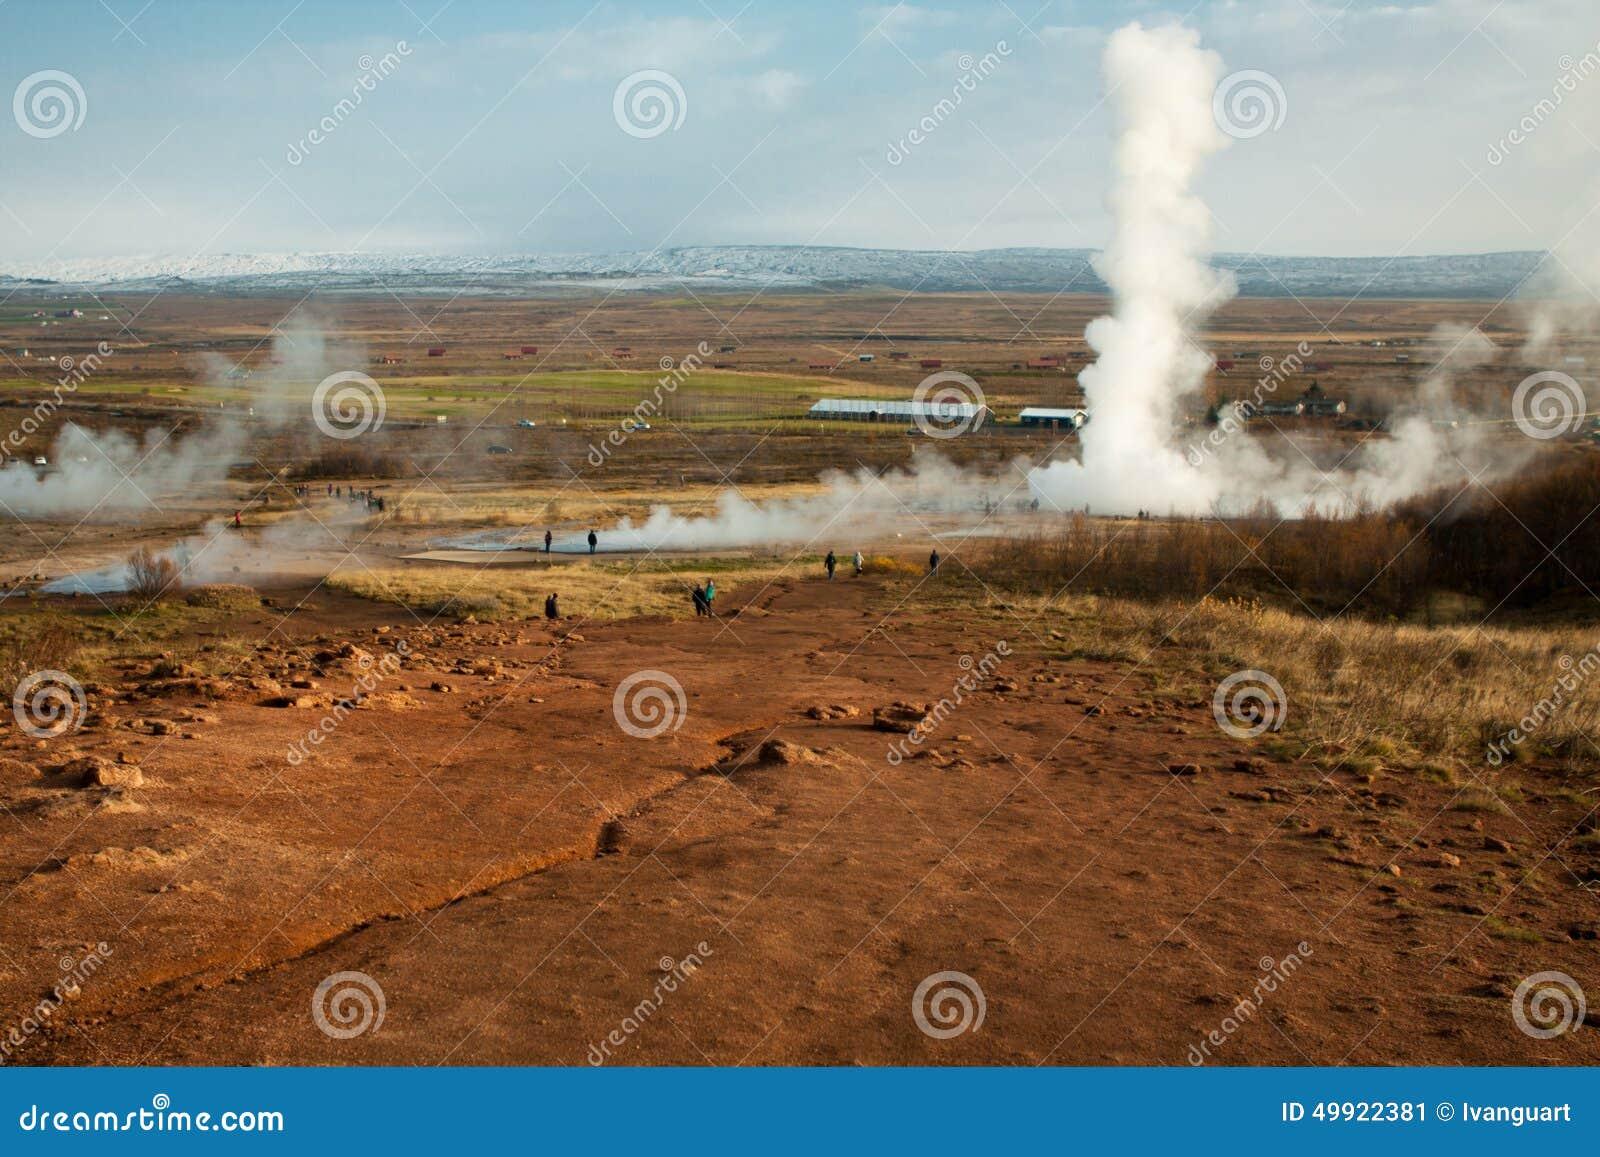 Geothermisch gebied strokkur geysir in IJsland